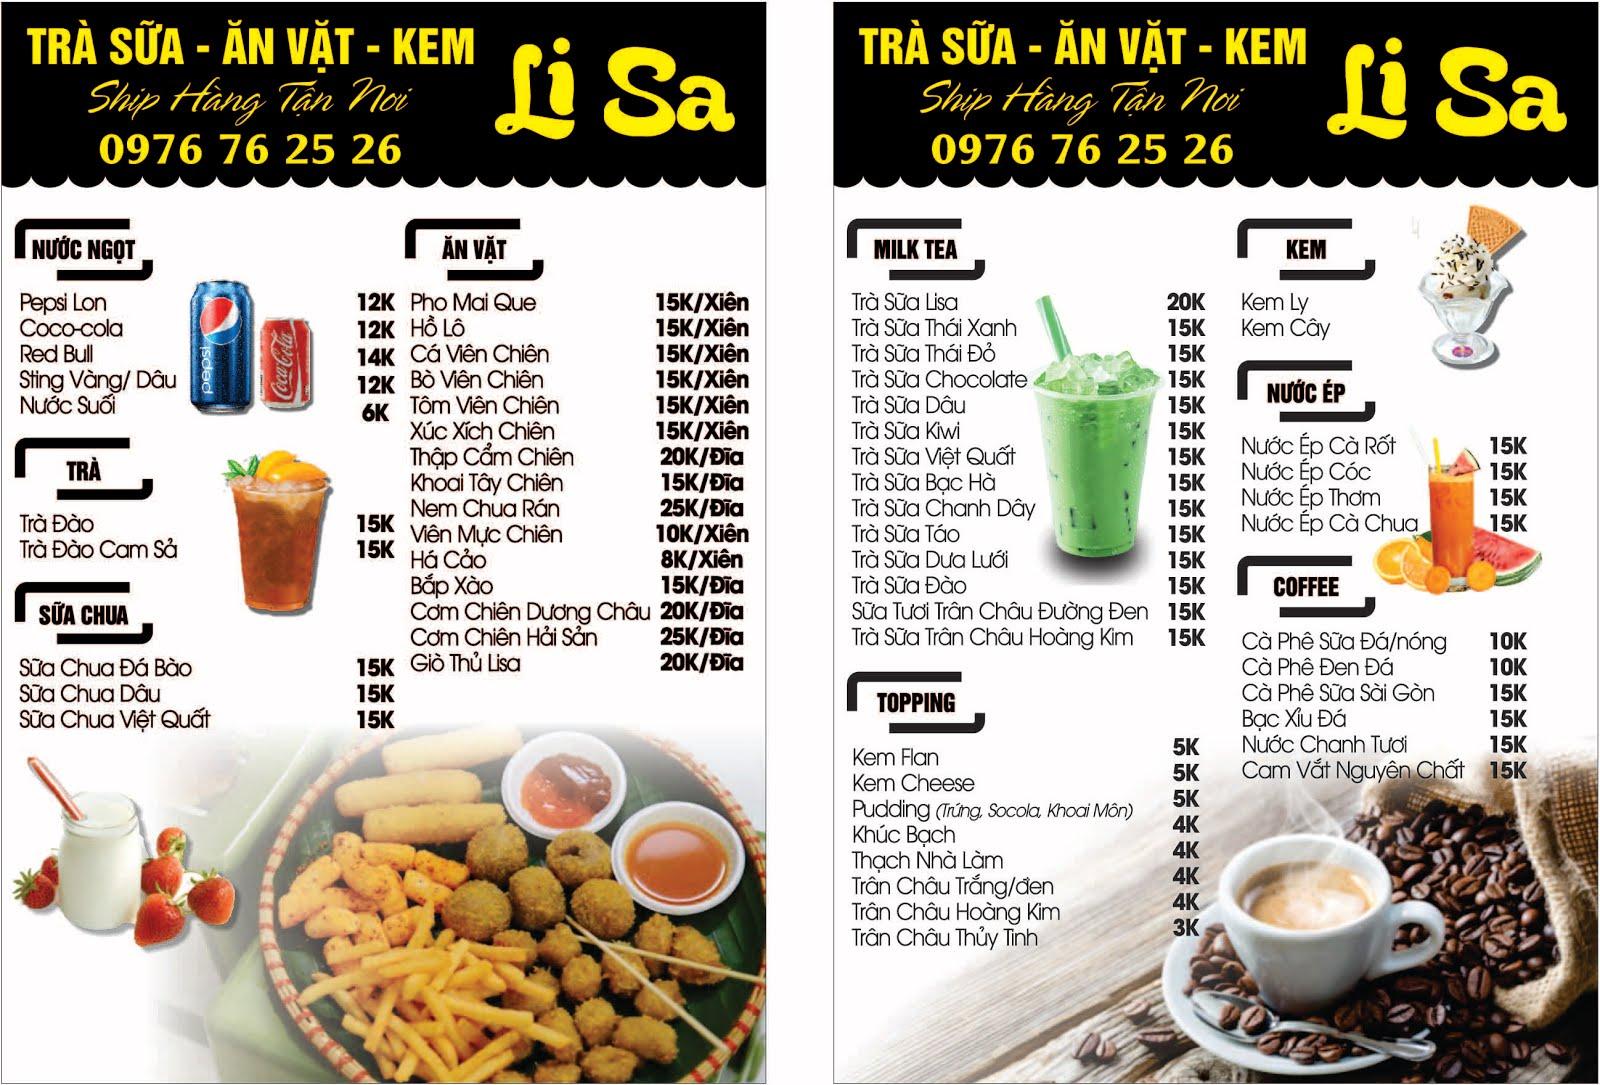 mẫu menu trà sữa